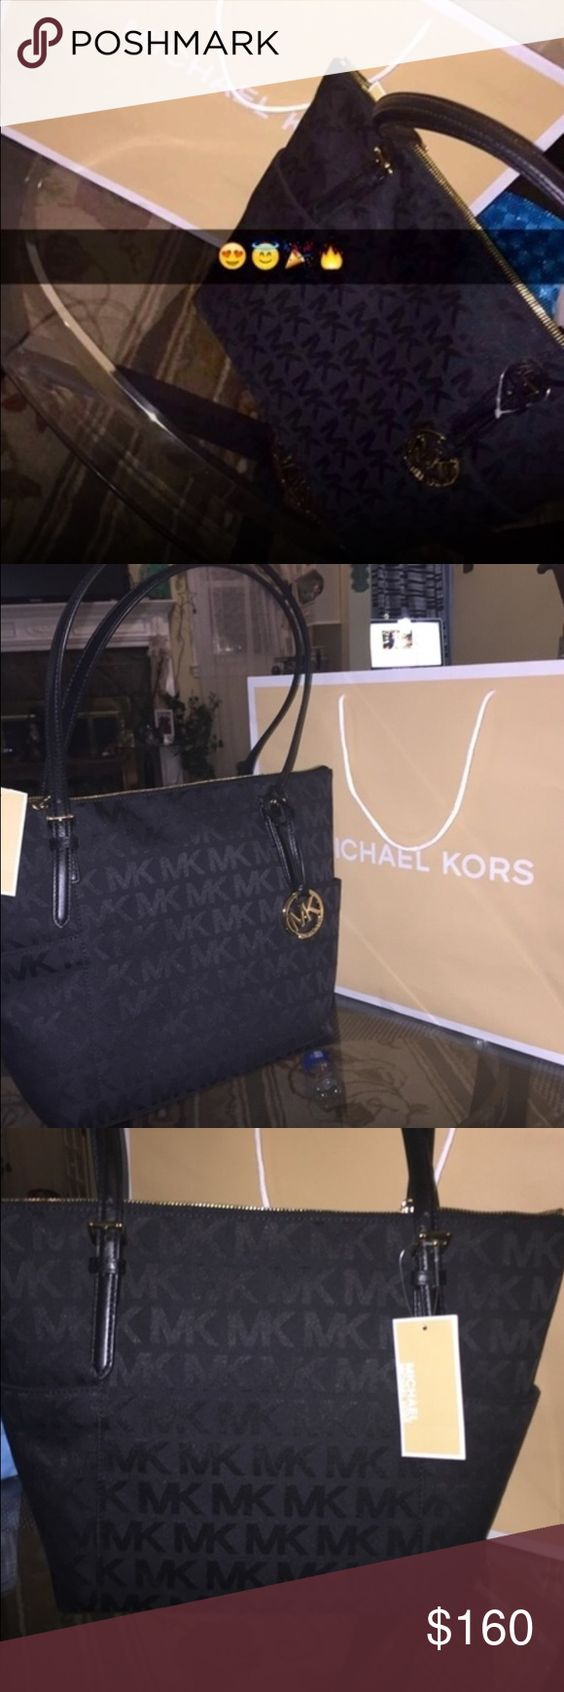 Brand new Michael kors hand bag Never used or worn brand new with tags Michael Kors Bags Totes